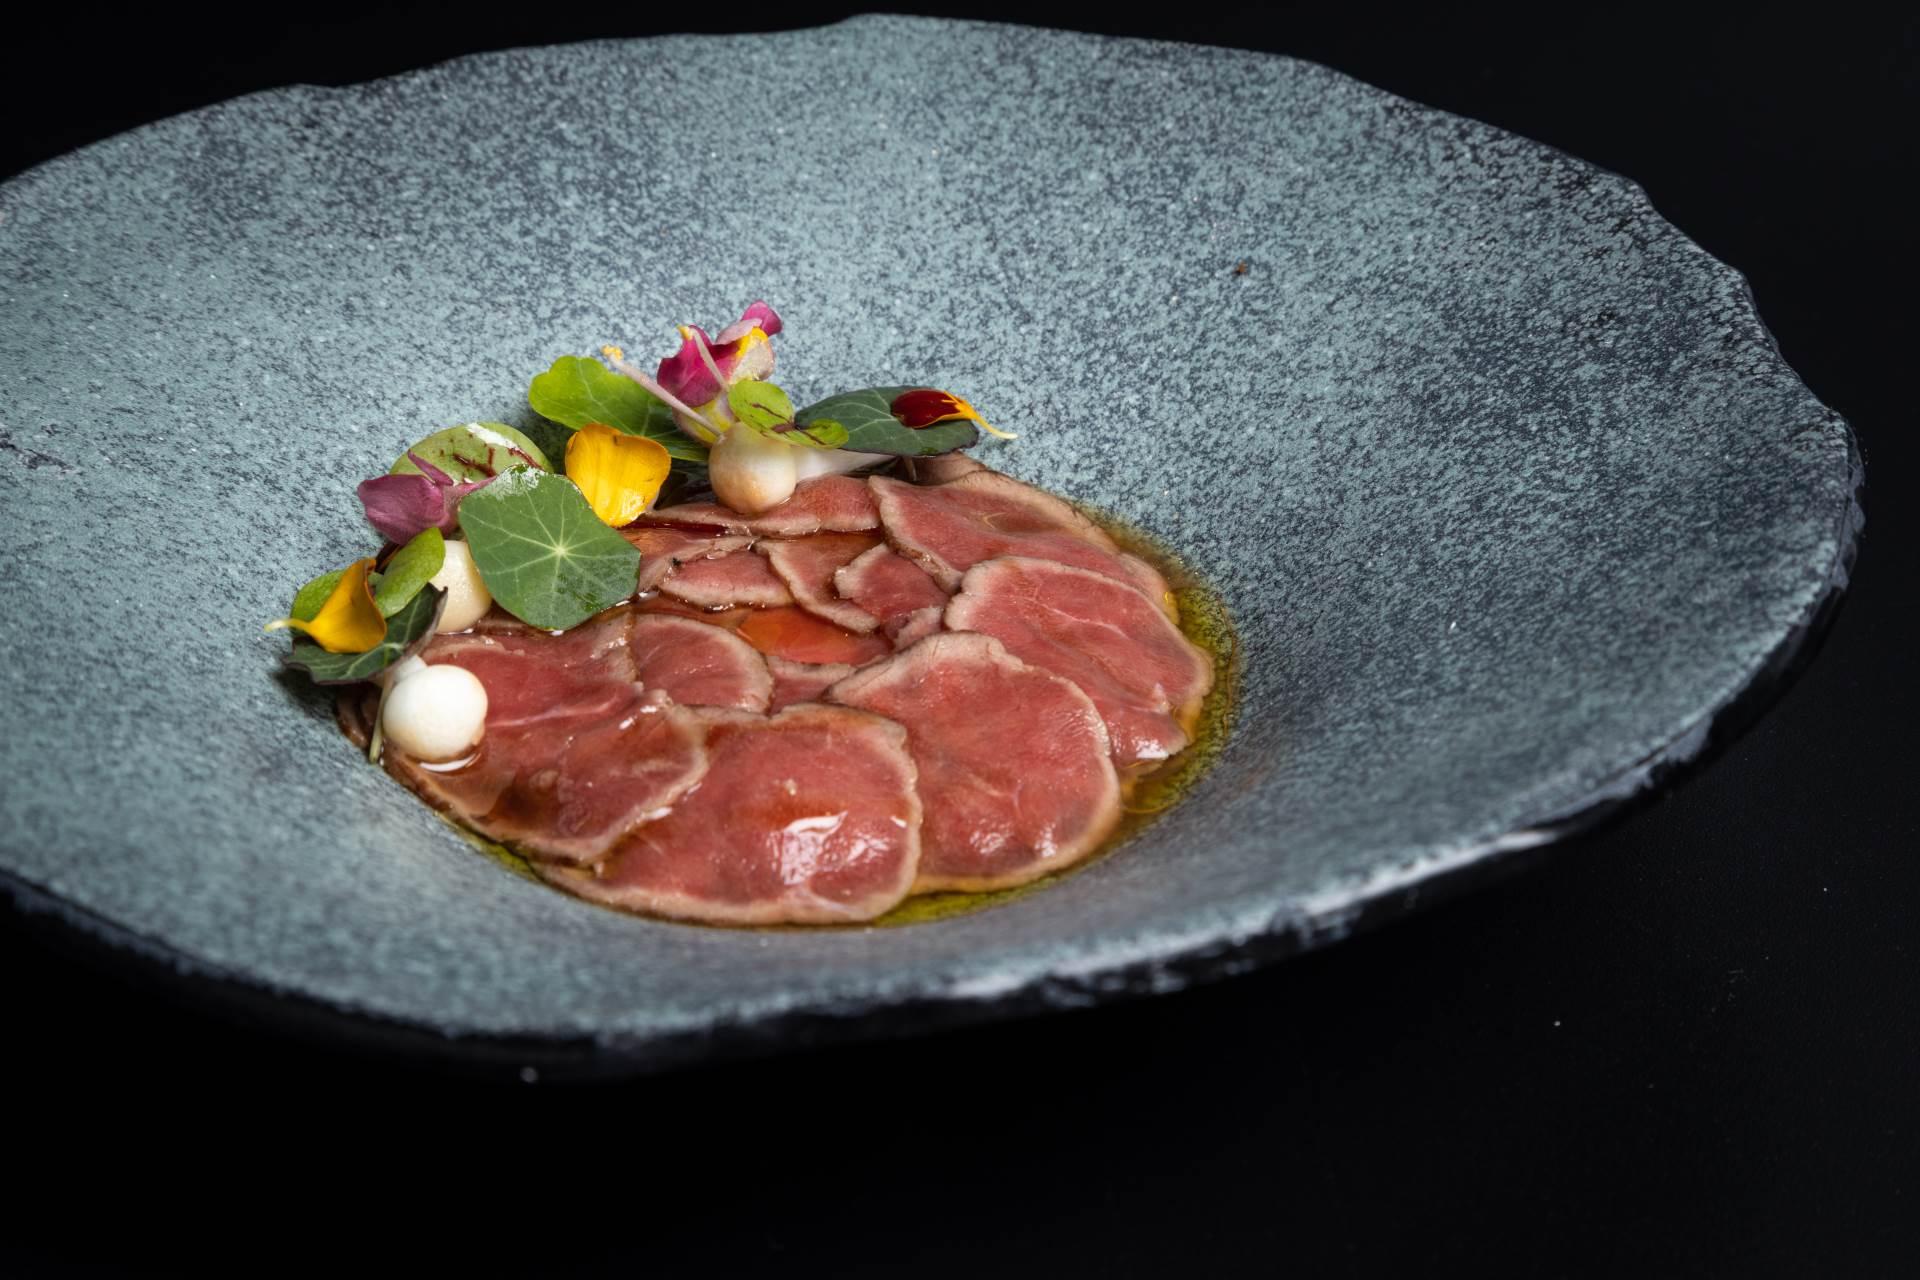 Opisujući Faelt, chef je istaknuo kako je to njemački restoran s nordijskim utjecajem te je uglavnom vegeterijanski